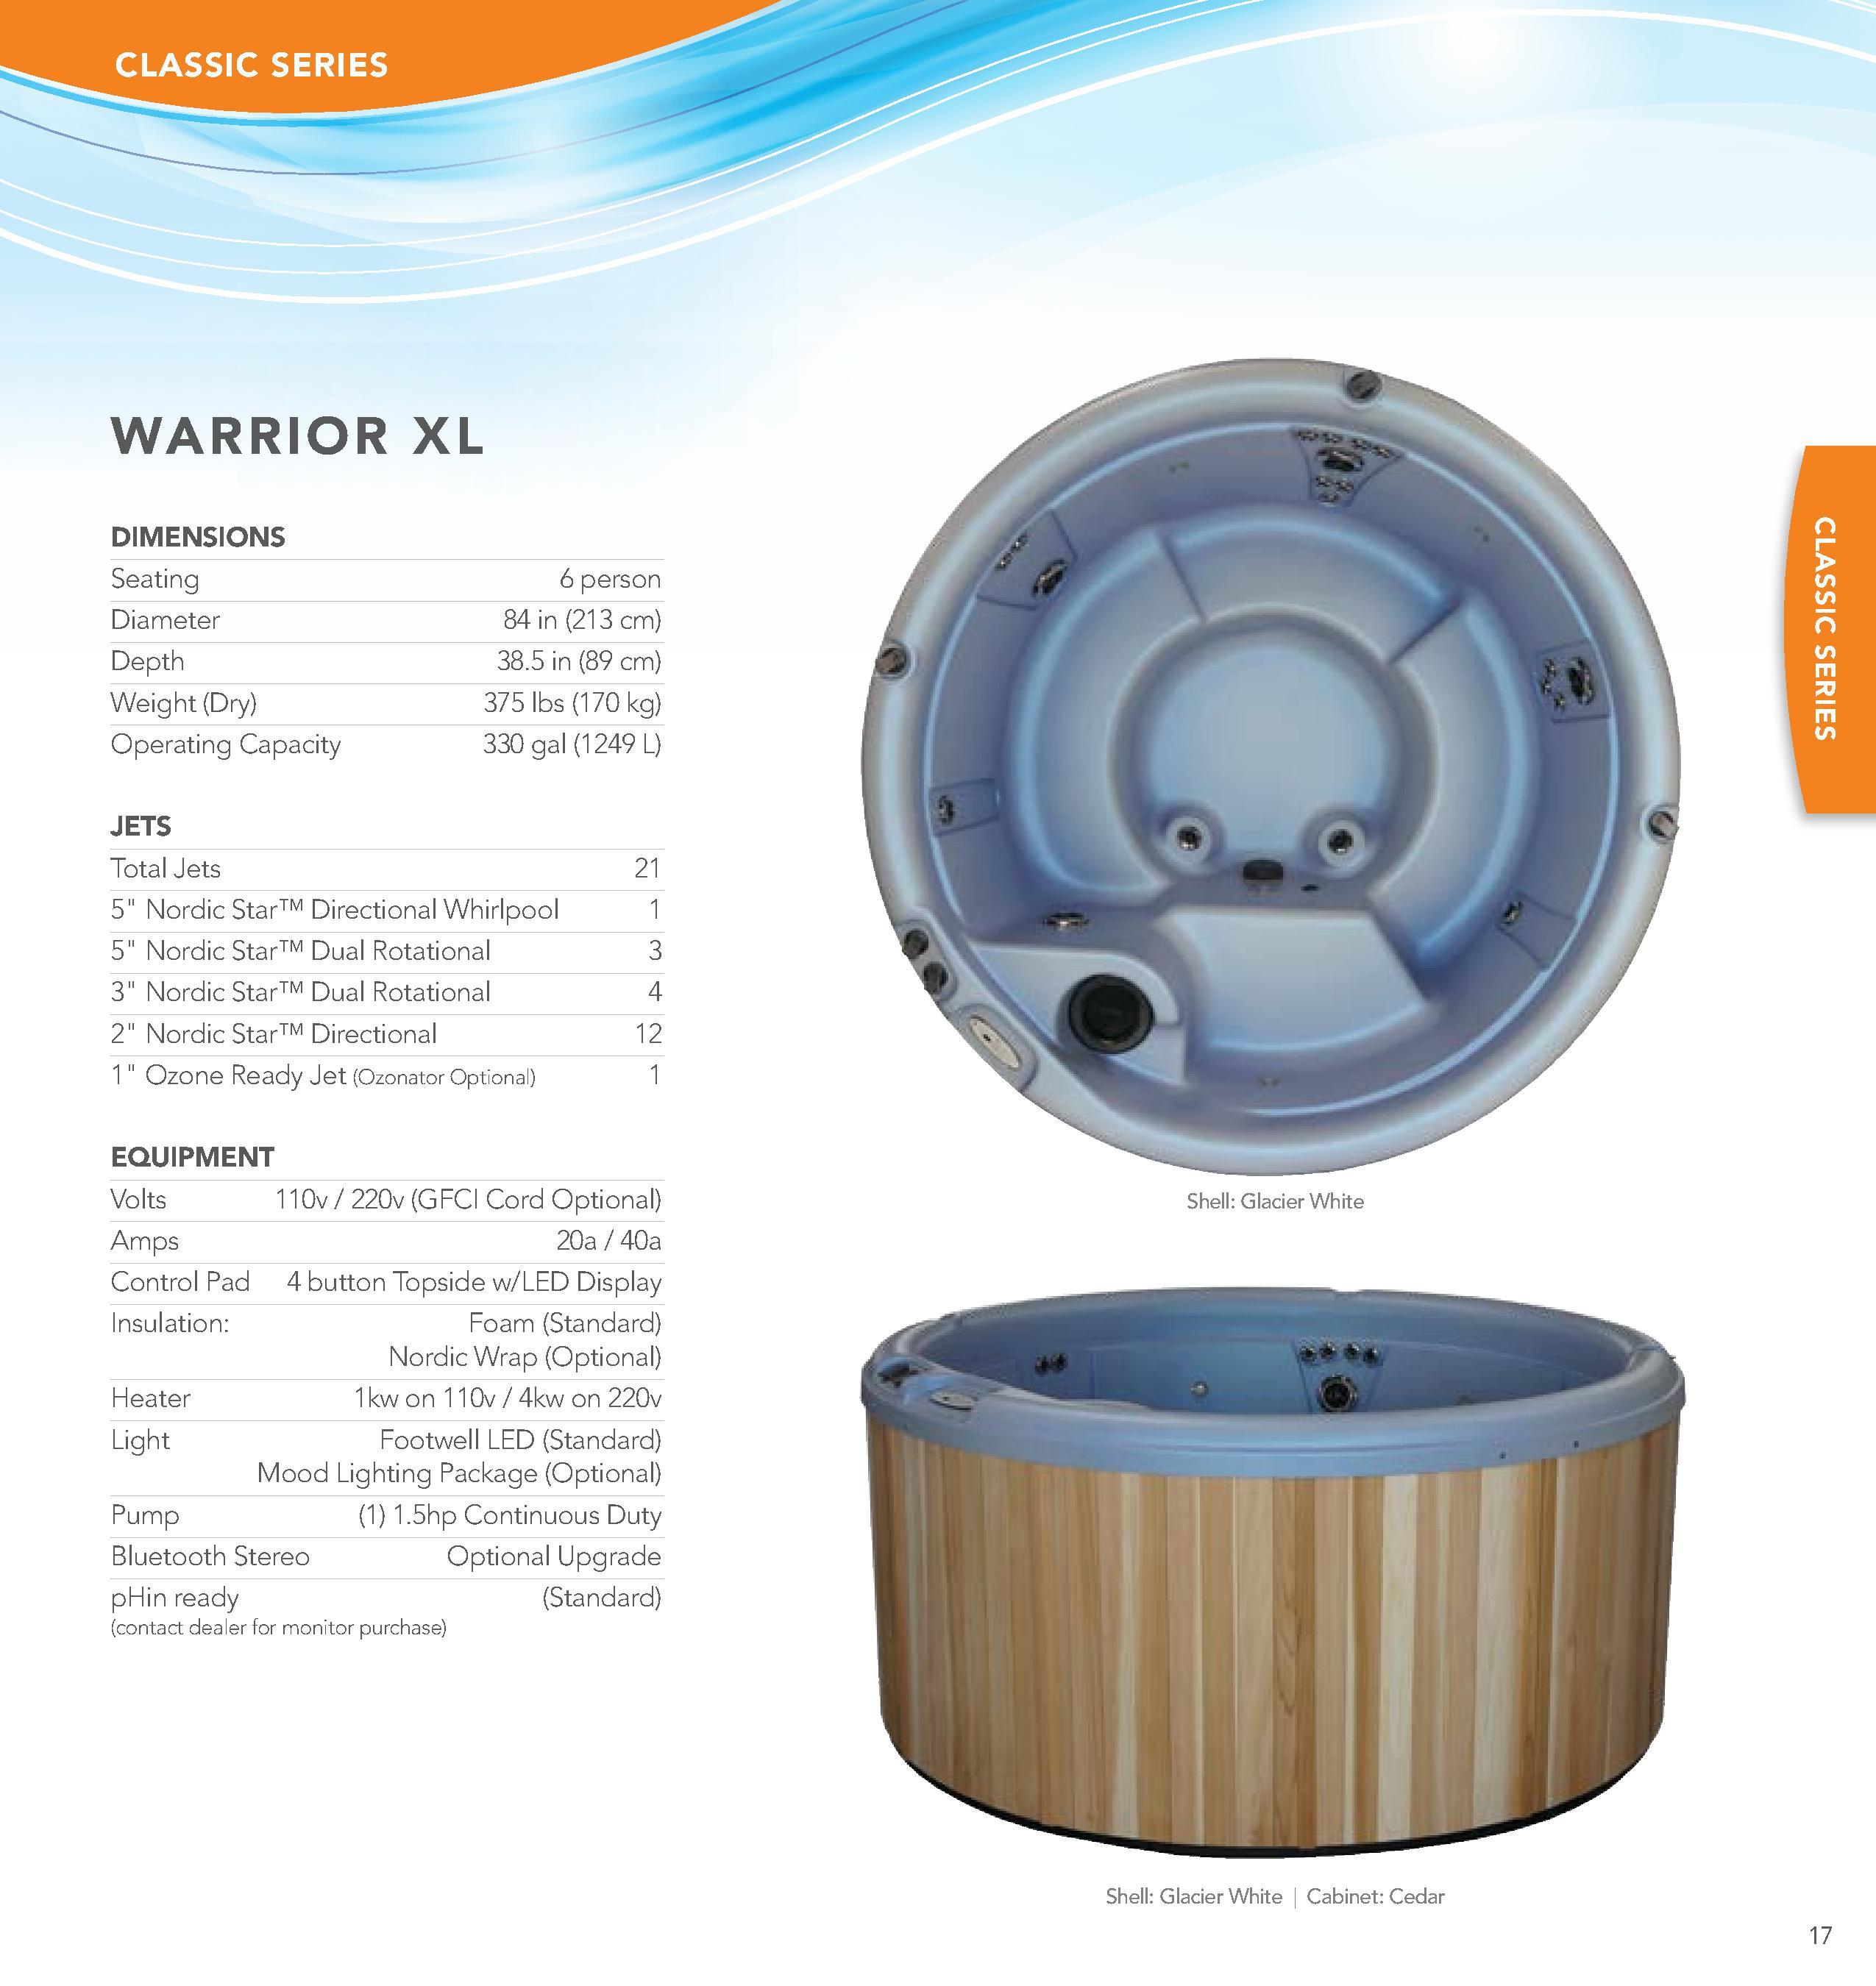 Warrior XL